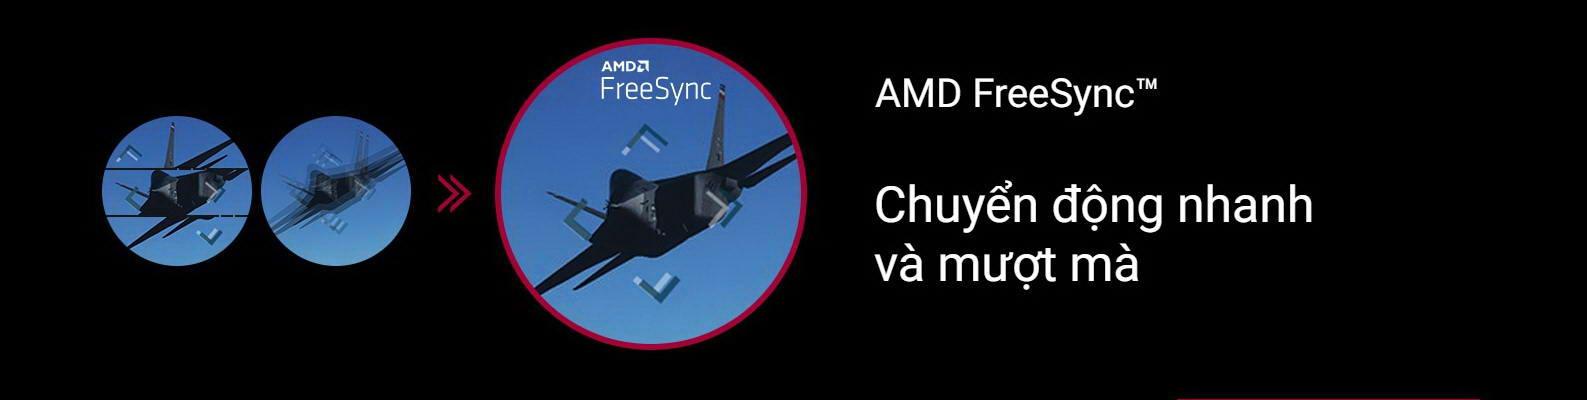 Màn hình LG 32MP60G-B có Free sFync